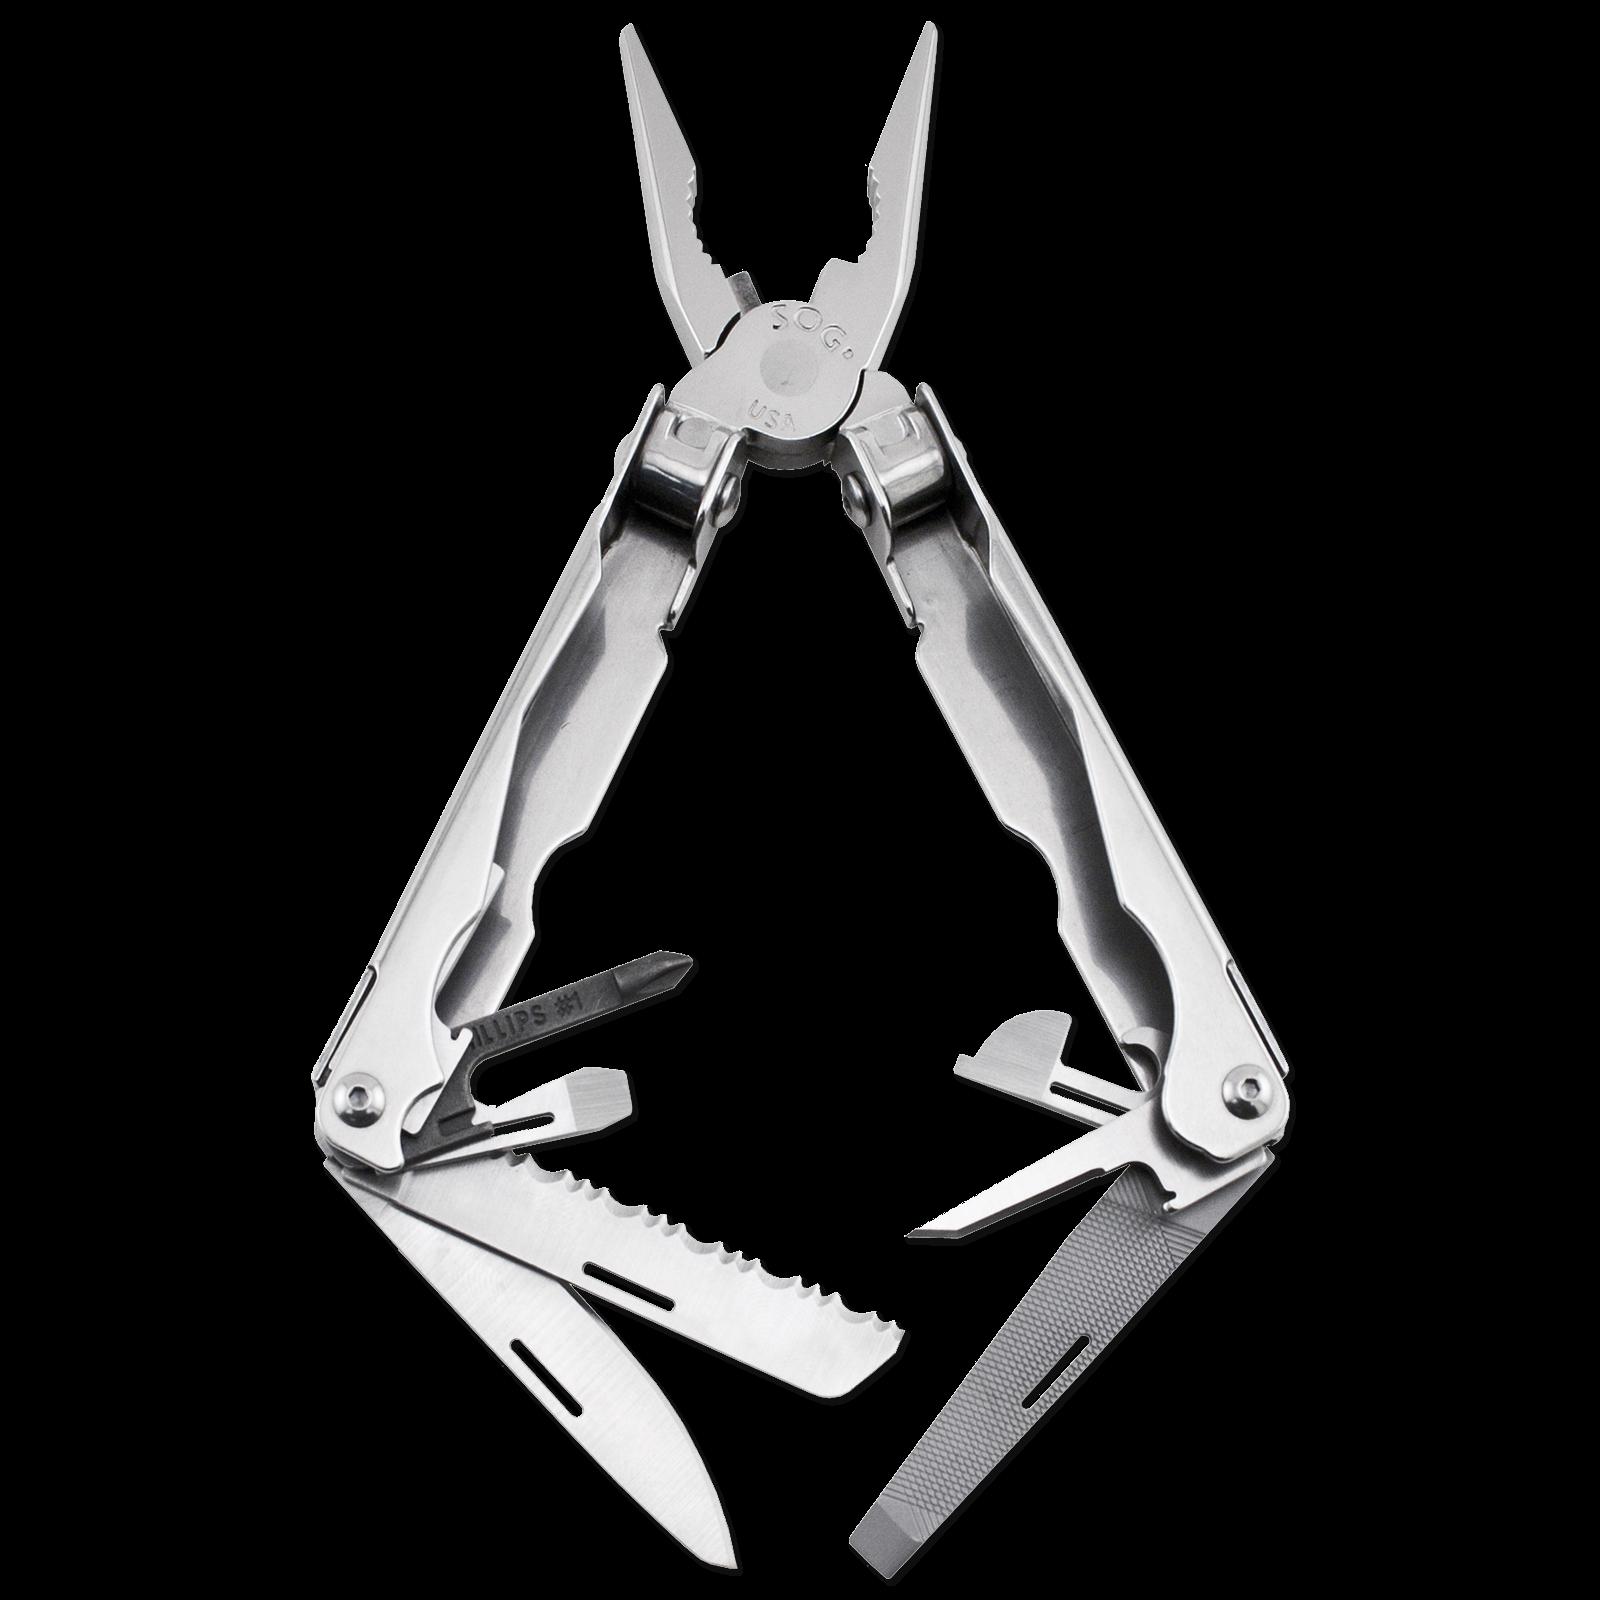 Мультитул Paratool, серебристыйSOG<br>Paratool - компактный мультитул с оригинальной системой открытия плоскогубцев. Для приведения их в рабочее положение нужно нажать на рычаг, затем перехватить инструмент за пассатижи, уперев в бедро или любую твердую поверхность, закончить раскрытие инструмента. Описание процесса довольно мудрёное, но на деле все выглядит легко и просто. Данная конструкция разработана для обеспечения функционирования мультитула в двух плоскостях. Инструмены: пассатижи, кусачки для проволоки, лезвие прямое / серрейторное, напильник, отвертка, отвертка Philips, шило, открывалка для бутылок/консервов, линейки, кольцо для шнурка.<br>Длина в закрытом состоянии - 10,92 см., длина в открытом состоянии - 16,27 см. Вес - 162 гр. Поставляется в нейлоновом чехле.<br>